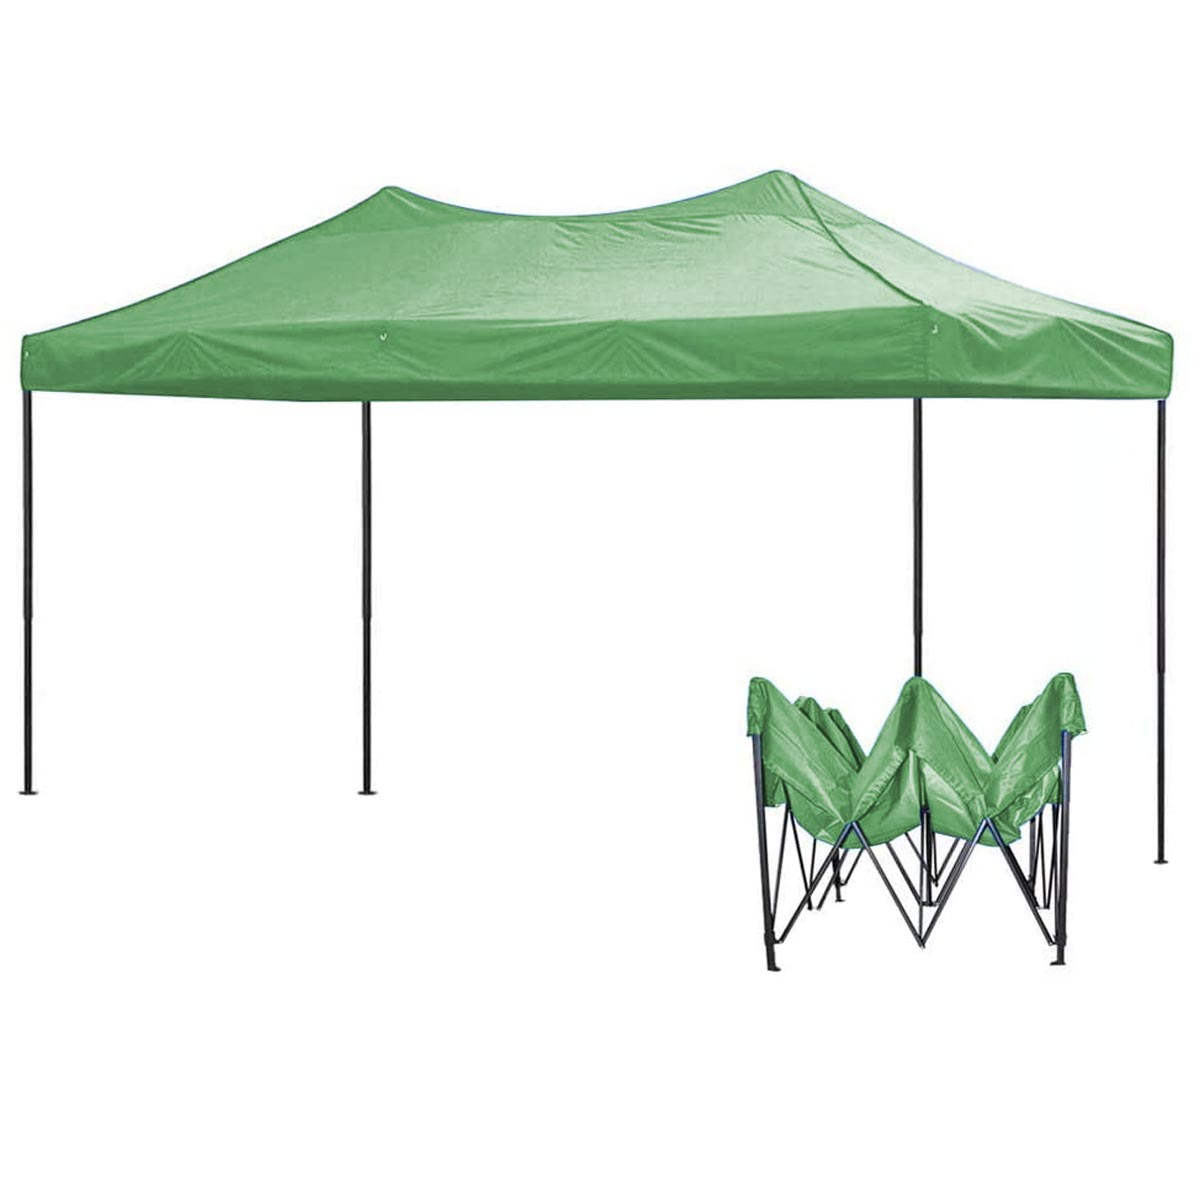 Toldo Carpa Impermeable Plegable Acero 3X4.5M Verde Kingsman